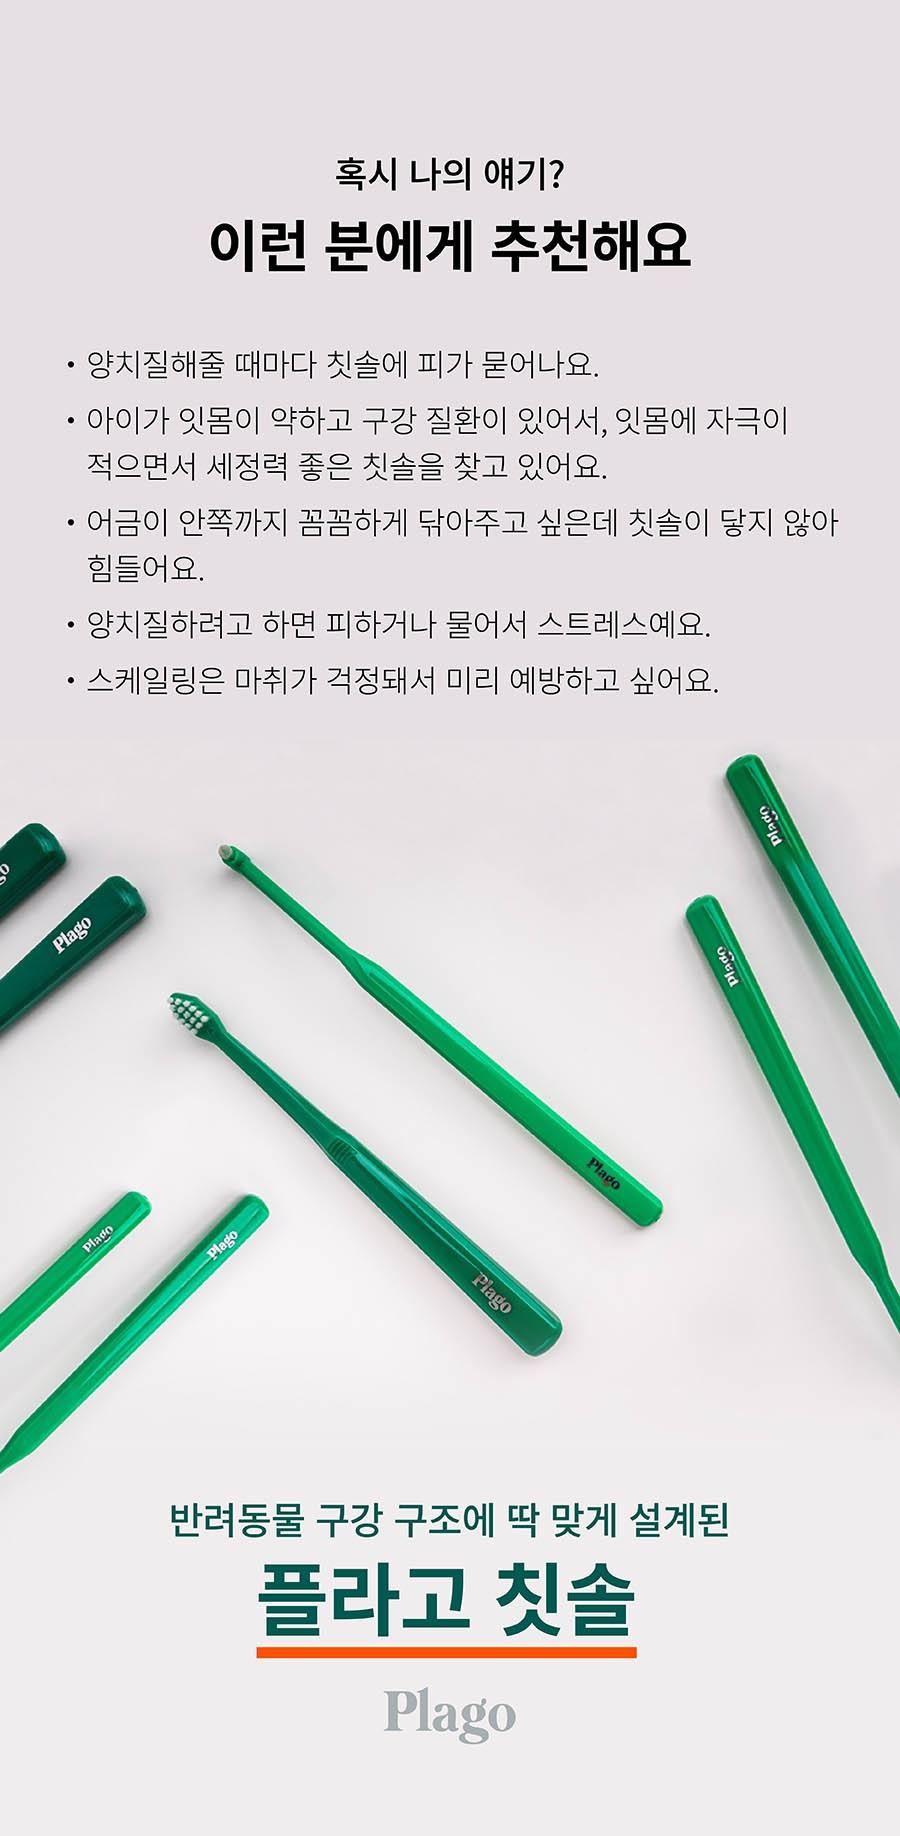 플라고 칫솔 (송곳니/기본)-상품이미지-4